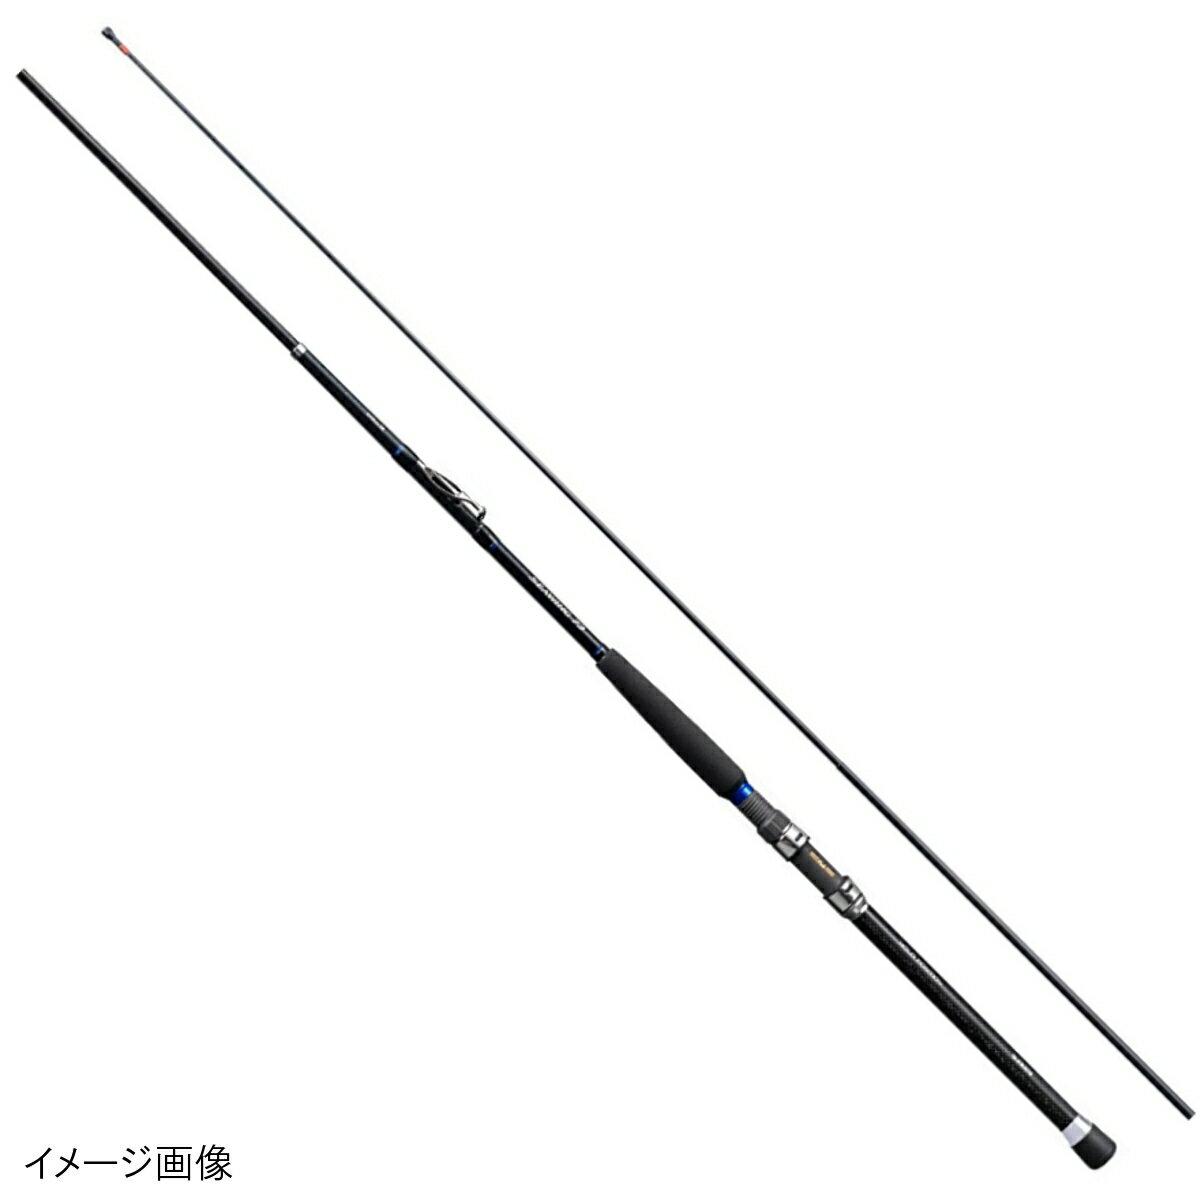 シマノ シーウイング73 50-300T3【送料無料】